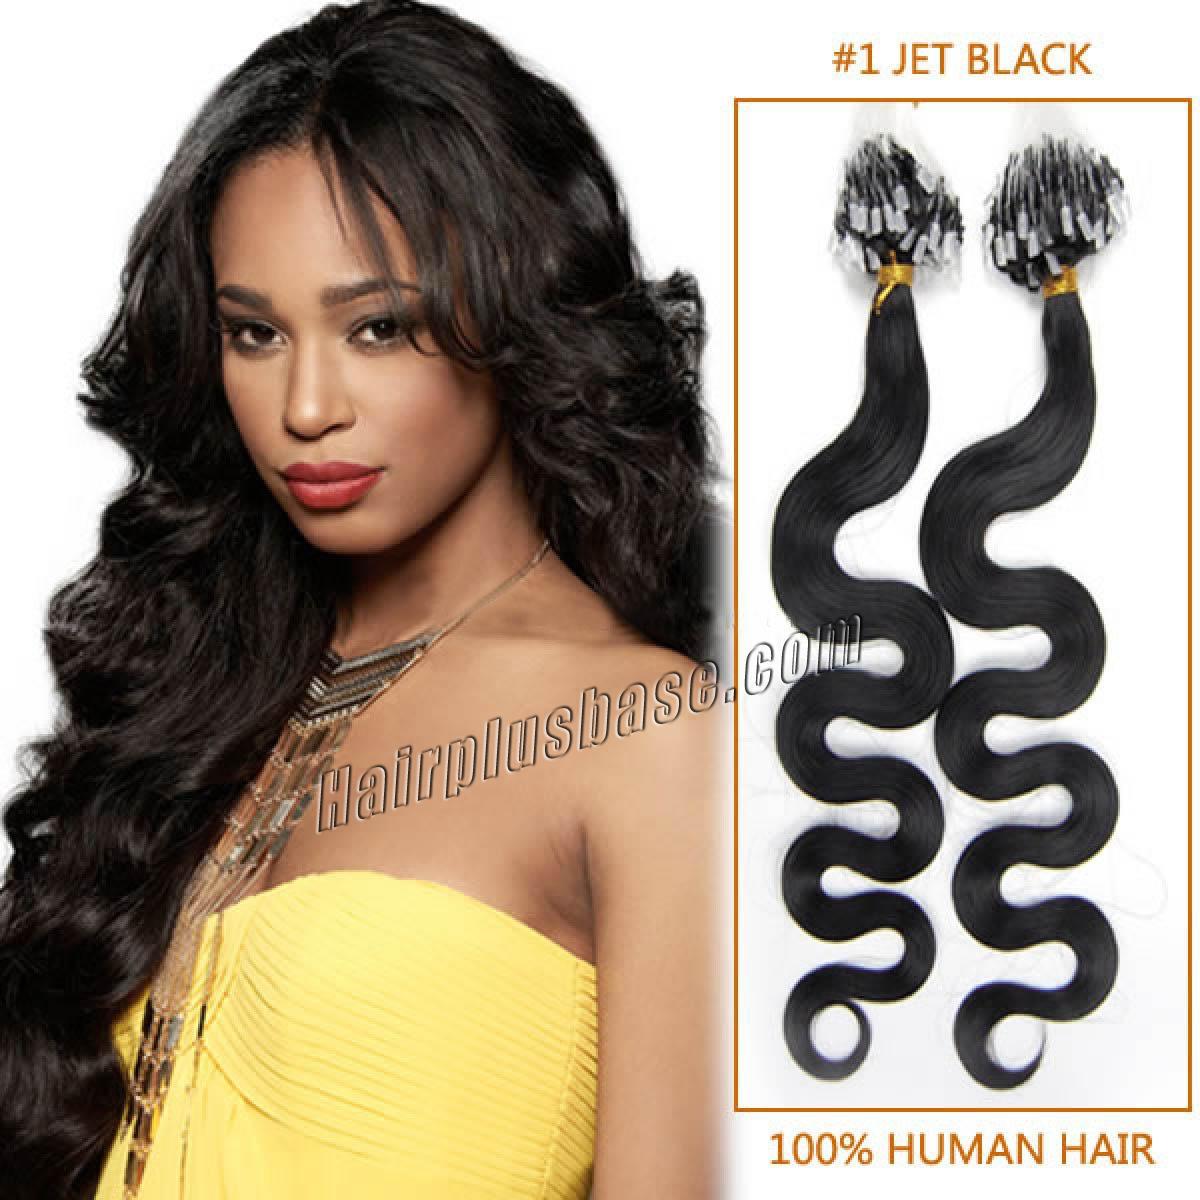 Inch 1 jet black wavy micro loop human hair extensions 100s 20 inch 1 jet black wavy micro loop human hair extensions 100s pmusecretfo Gallery